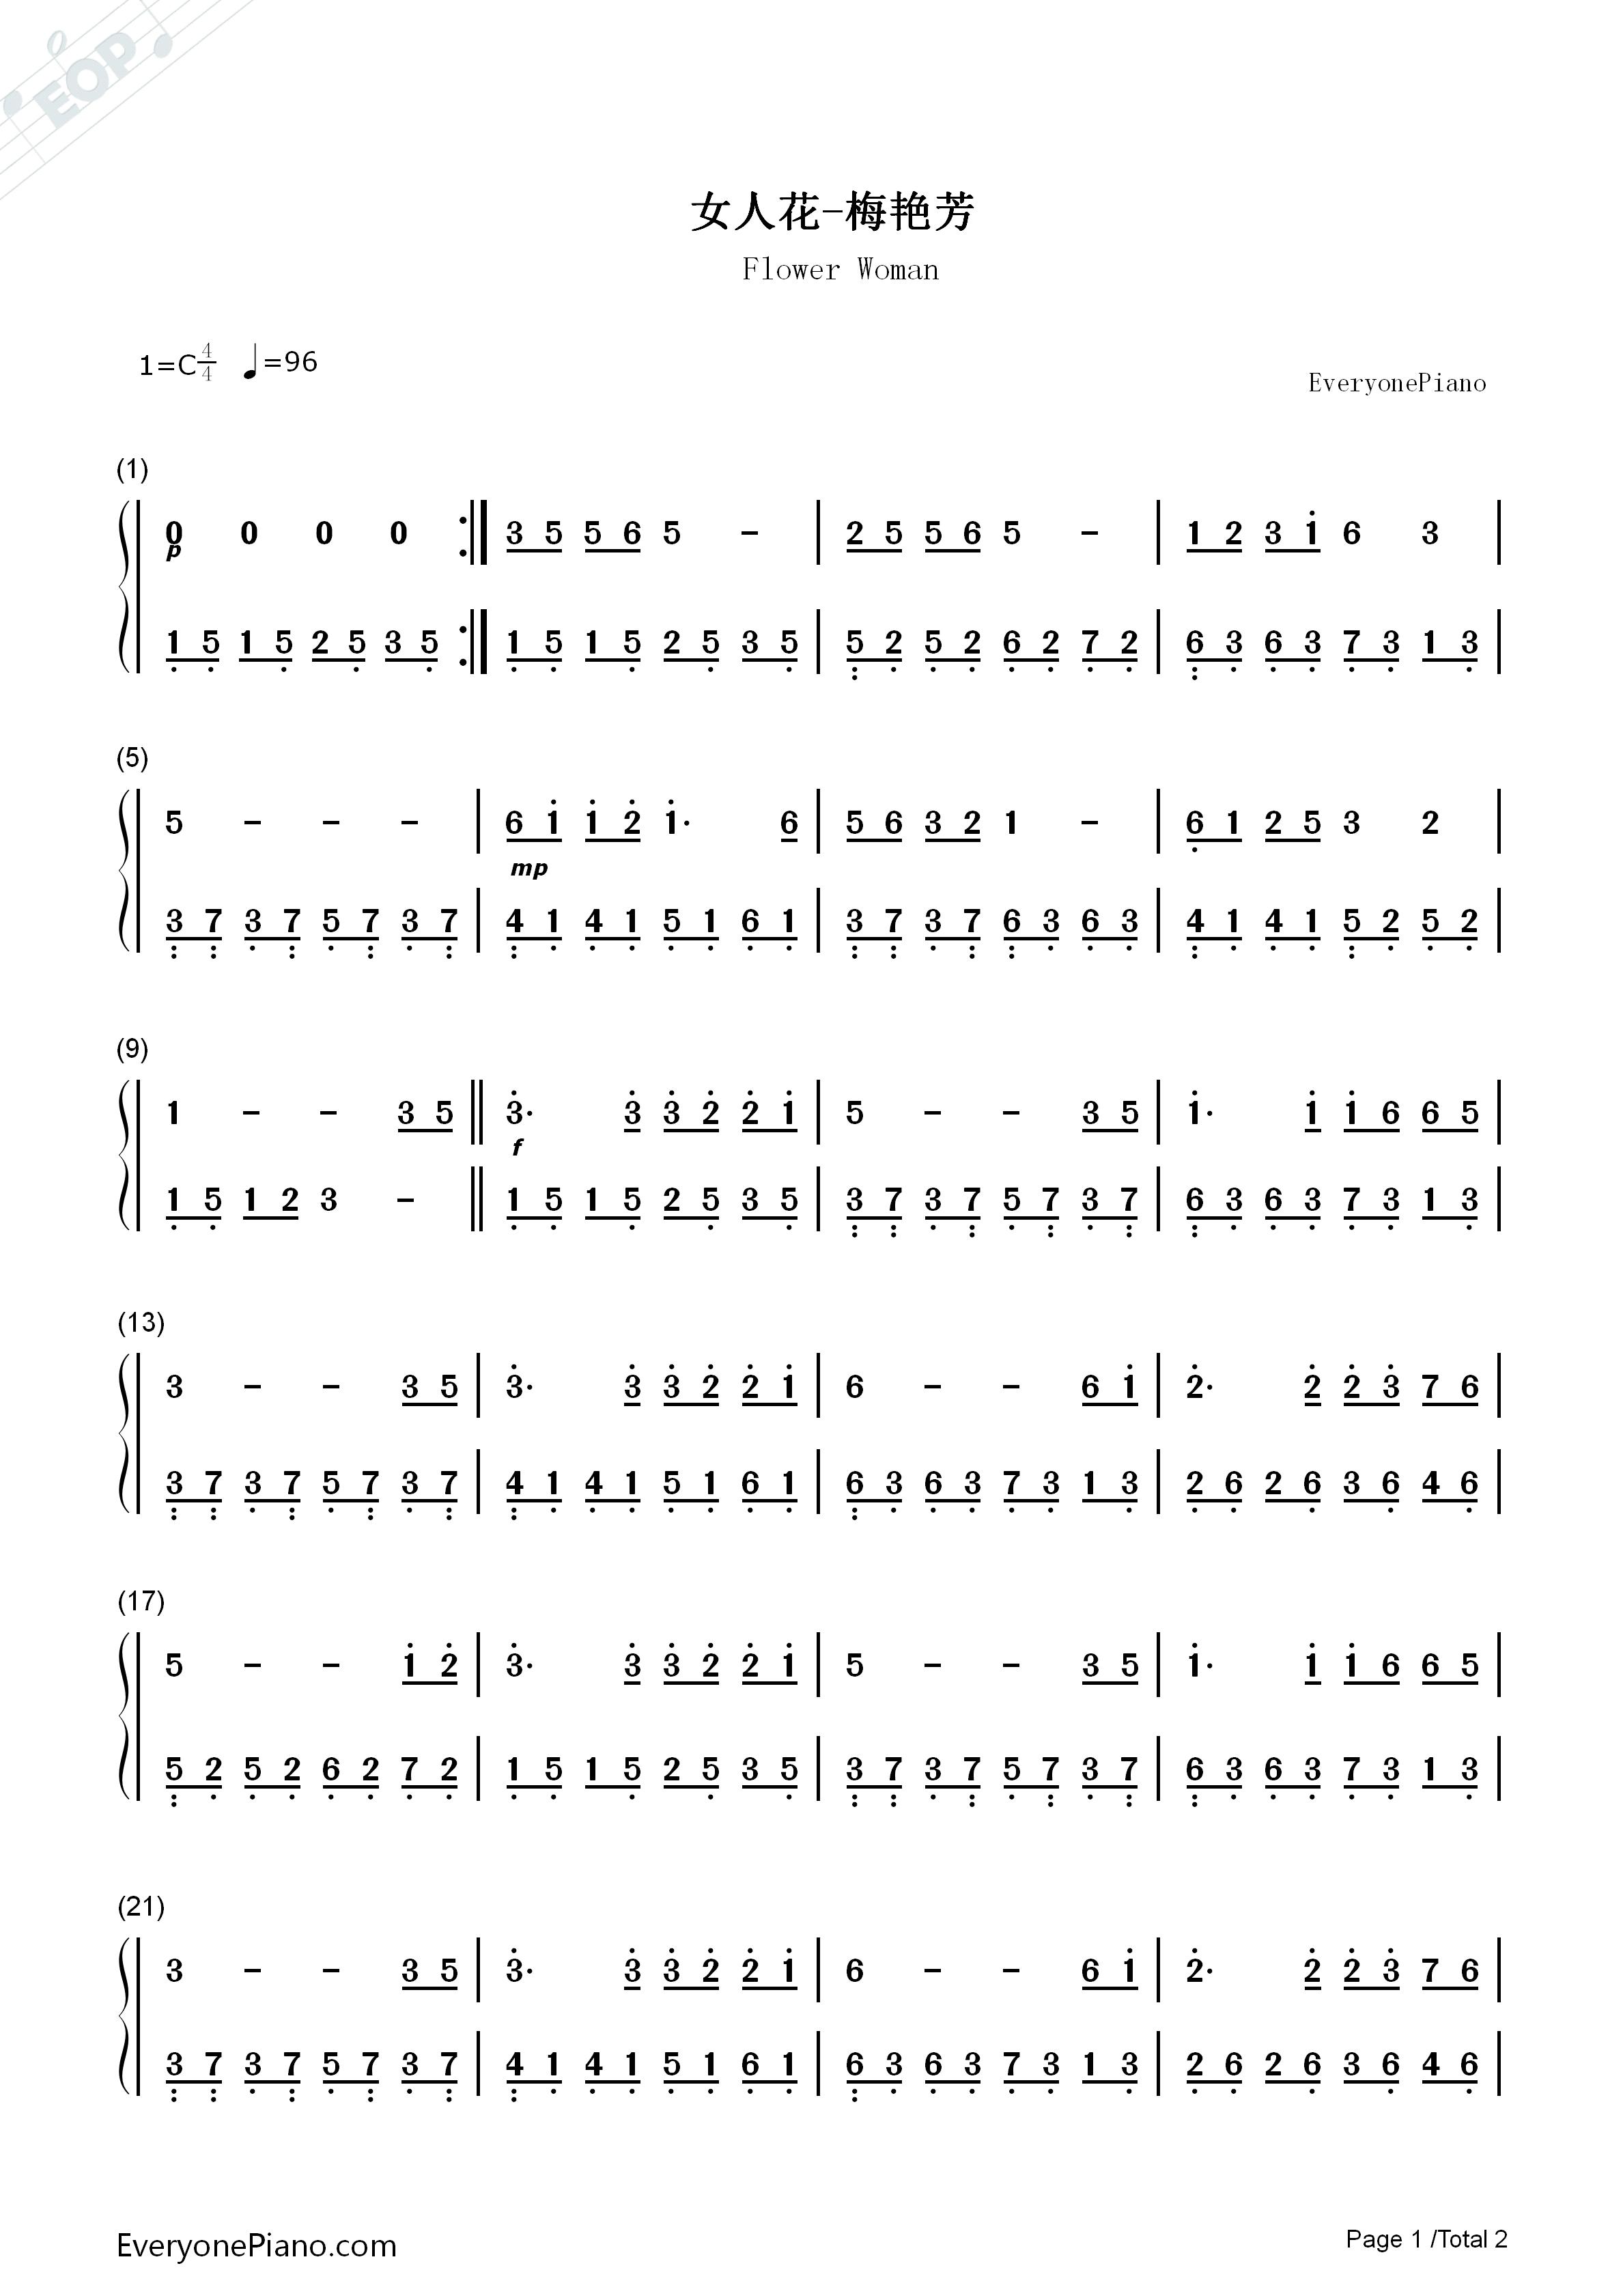 钢琴曲谱 流行 女人花-梅艳芳 女人花-梅艳芳双手简谱预览1